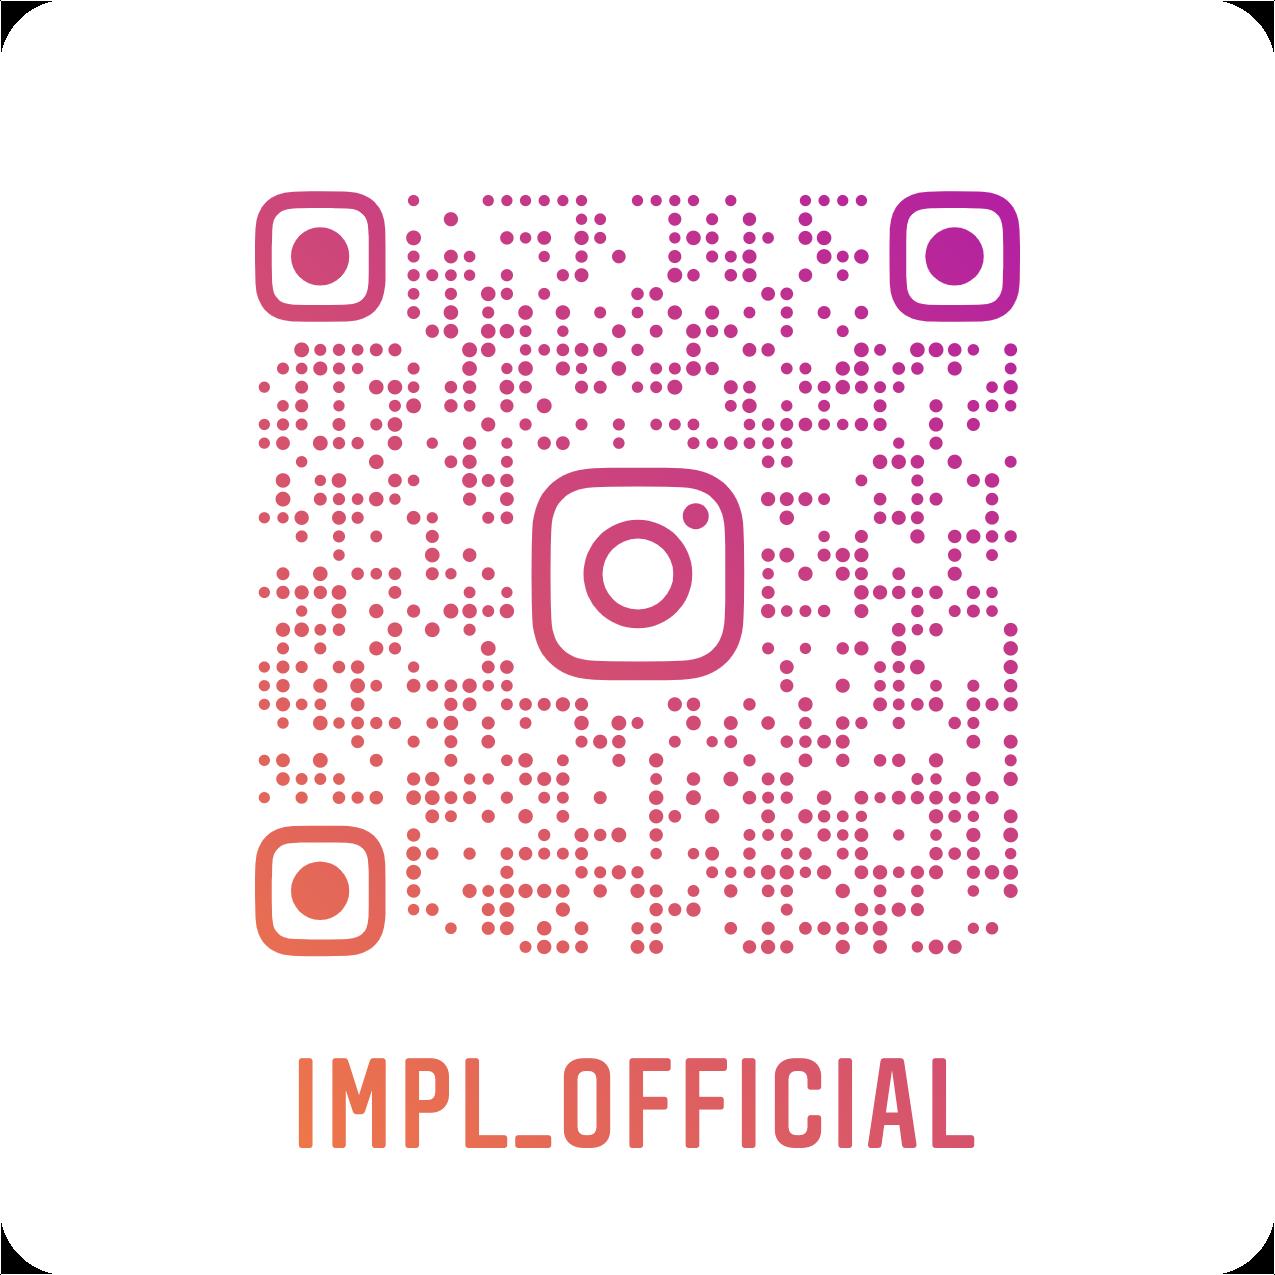 Instagramアカウント開設のお知らせ